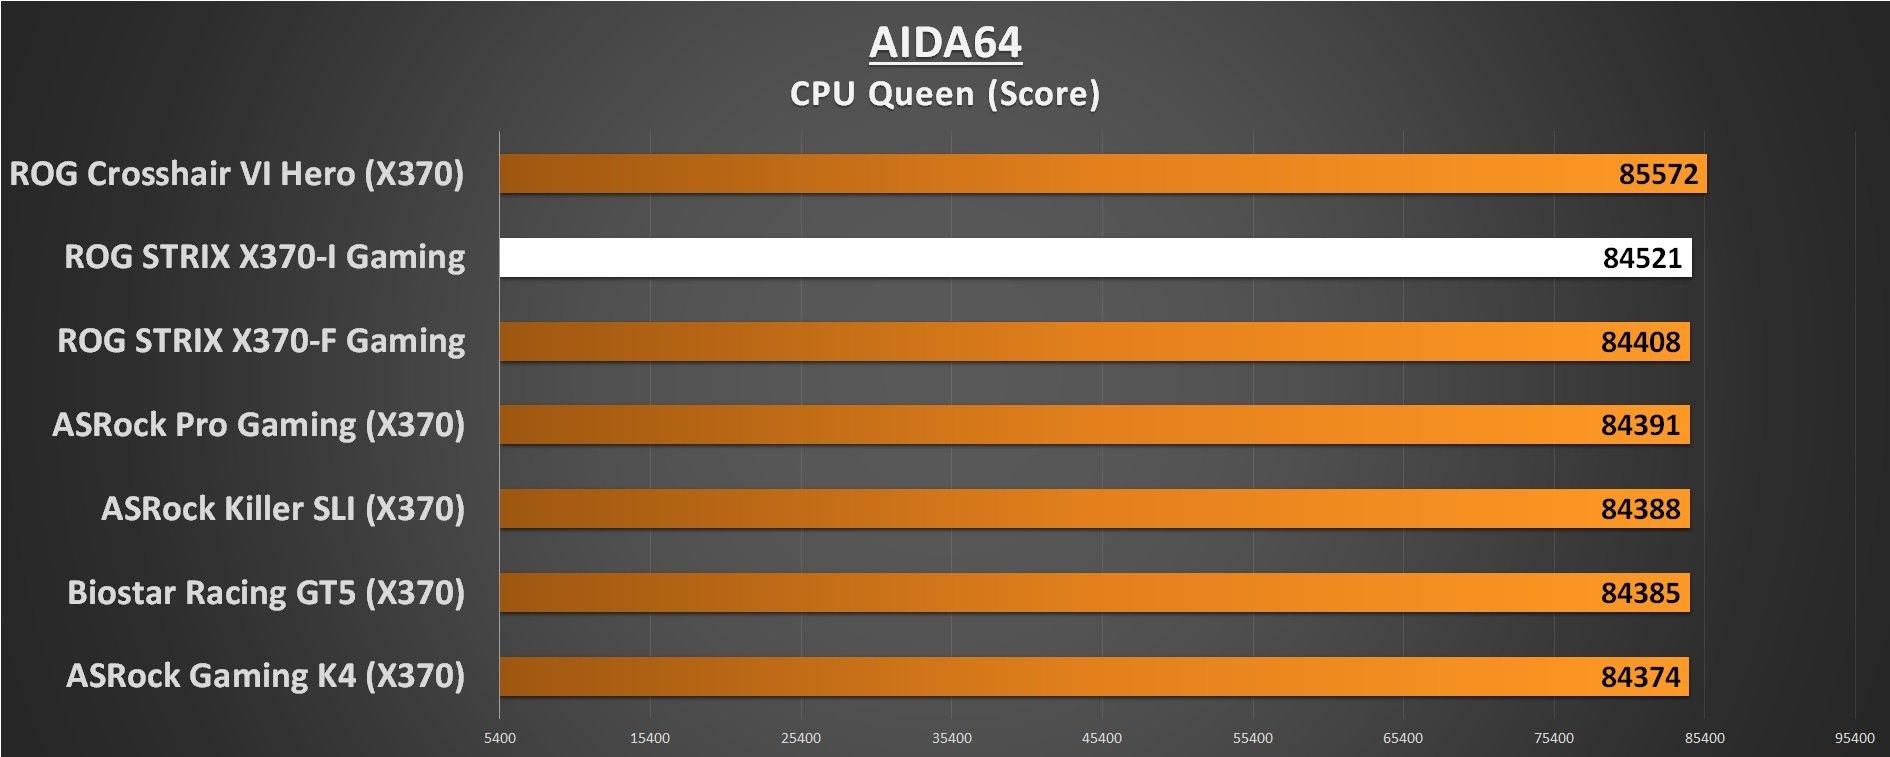 ASUS ROG STRIX X370-I Performance AIDA64 CPU Queen